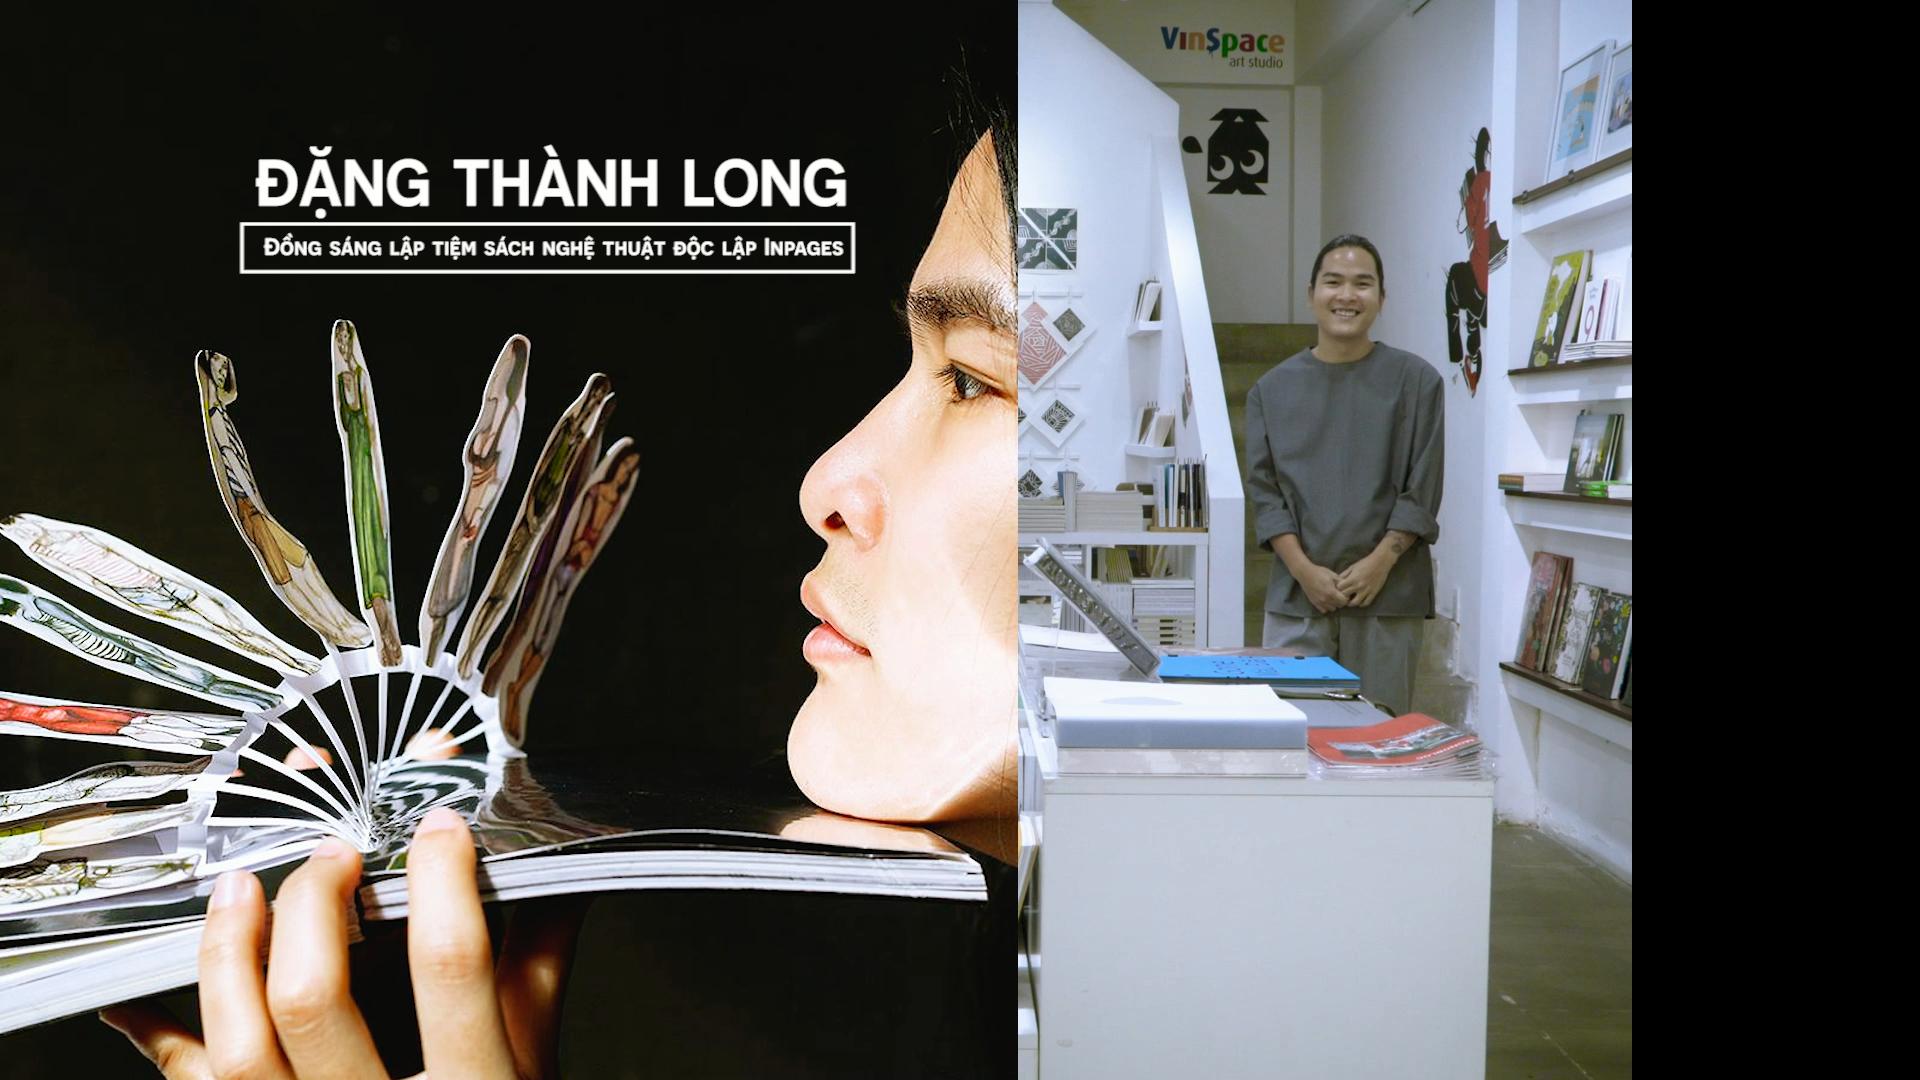 Đặng Thành Long - Chàng trai với khao khát bình dân hóa nghệ thuật bằng cách thổi hồn vào trang sách - Ảnh 2.